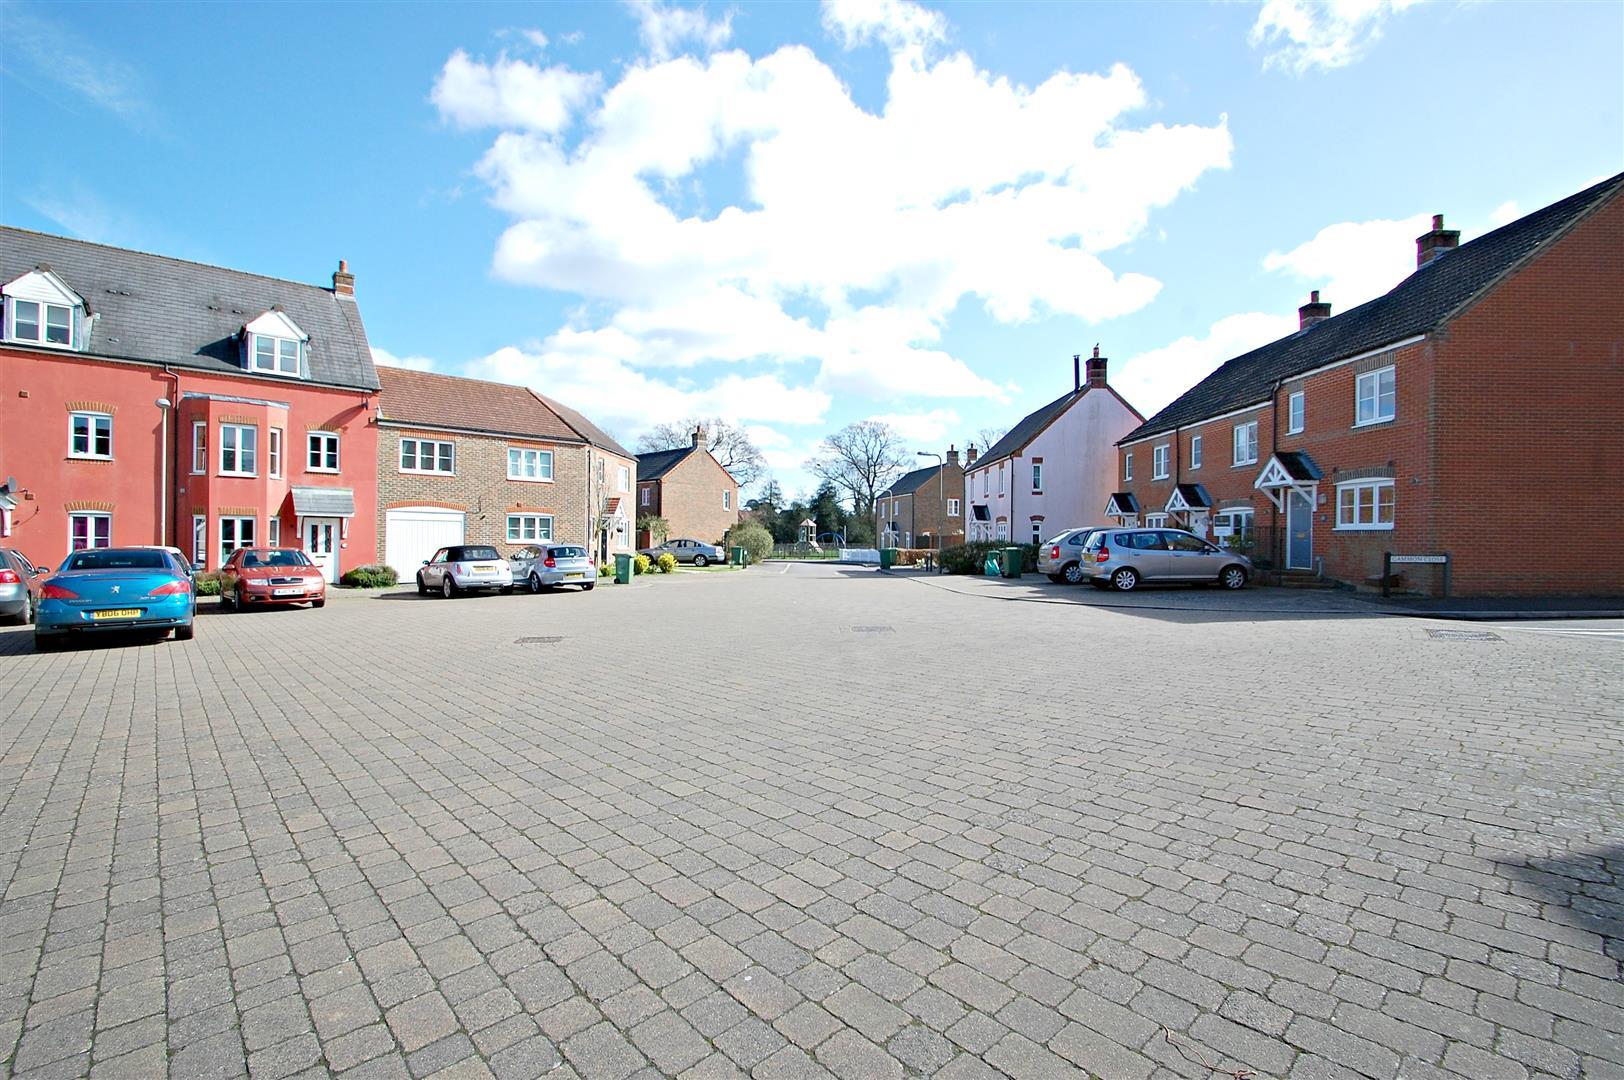 Hobbs Square, Petersfield